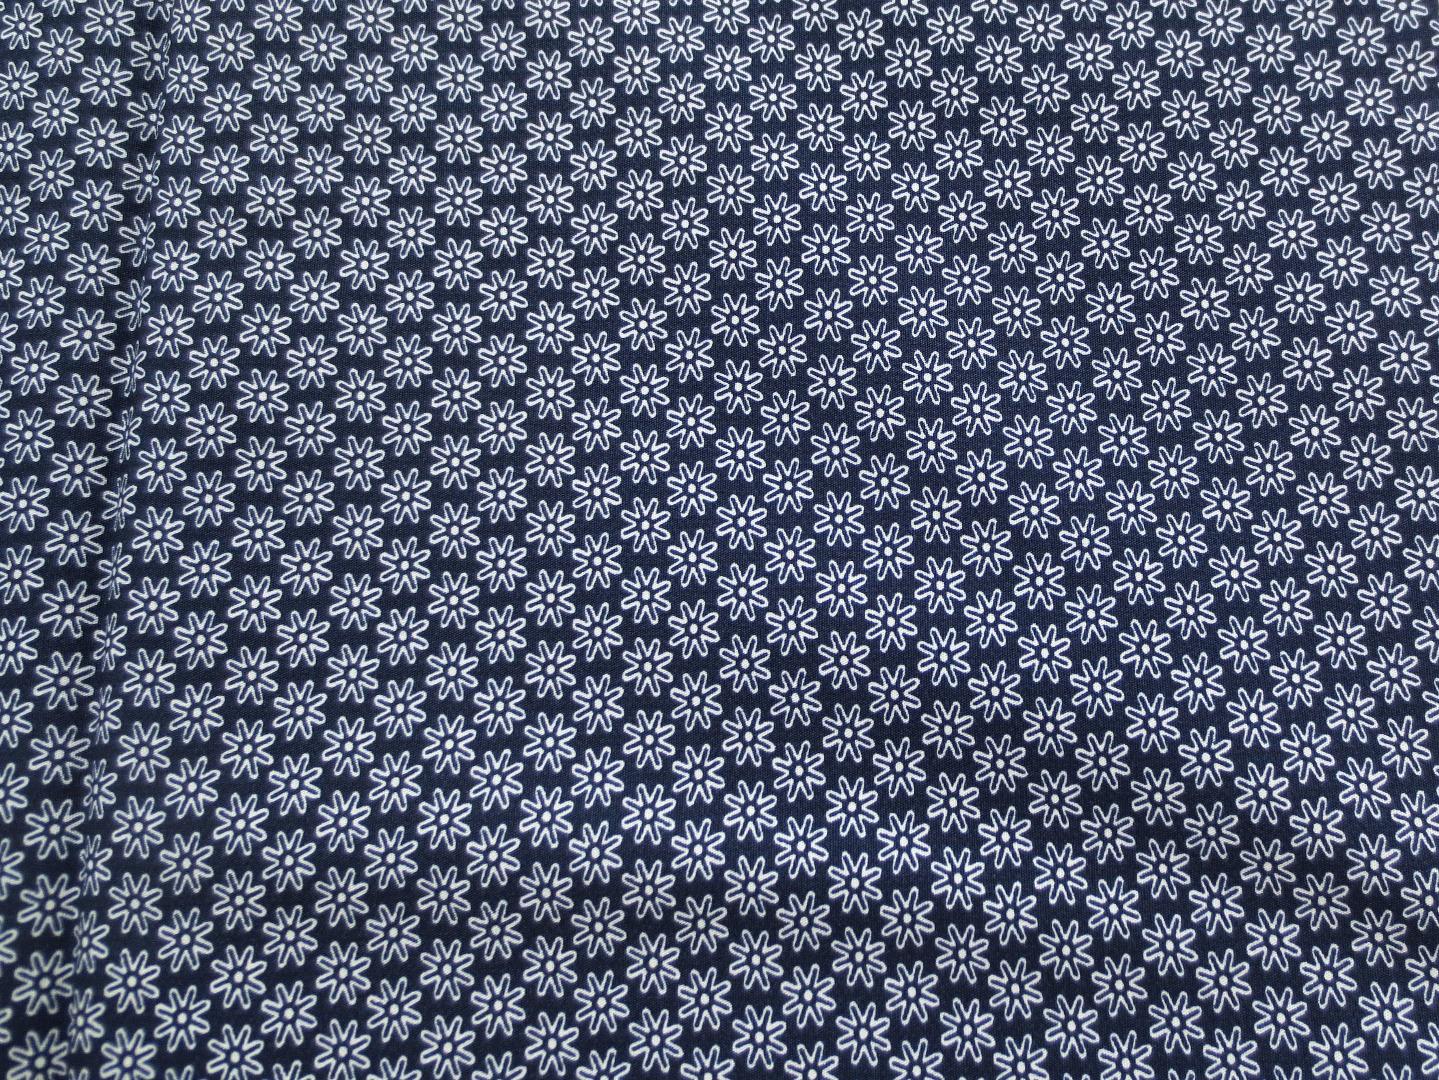 Stoff Blumen marineblau - 100 Baumwolle